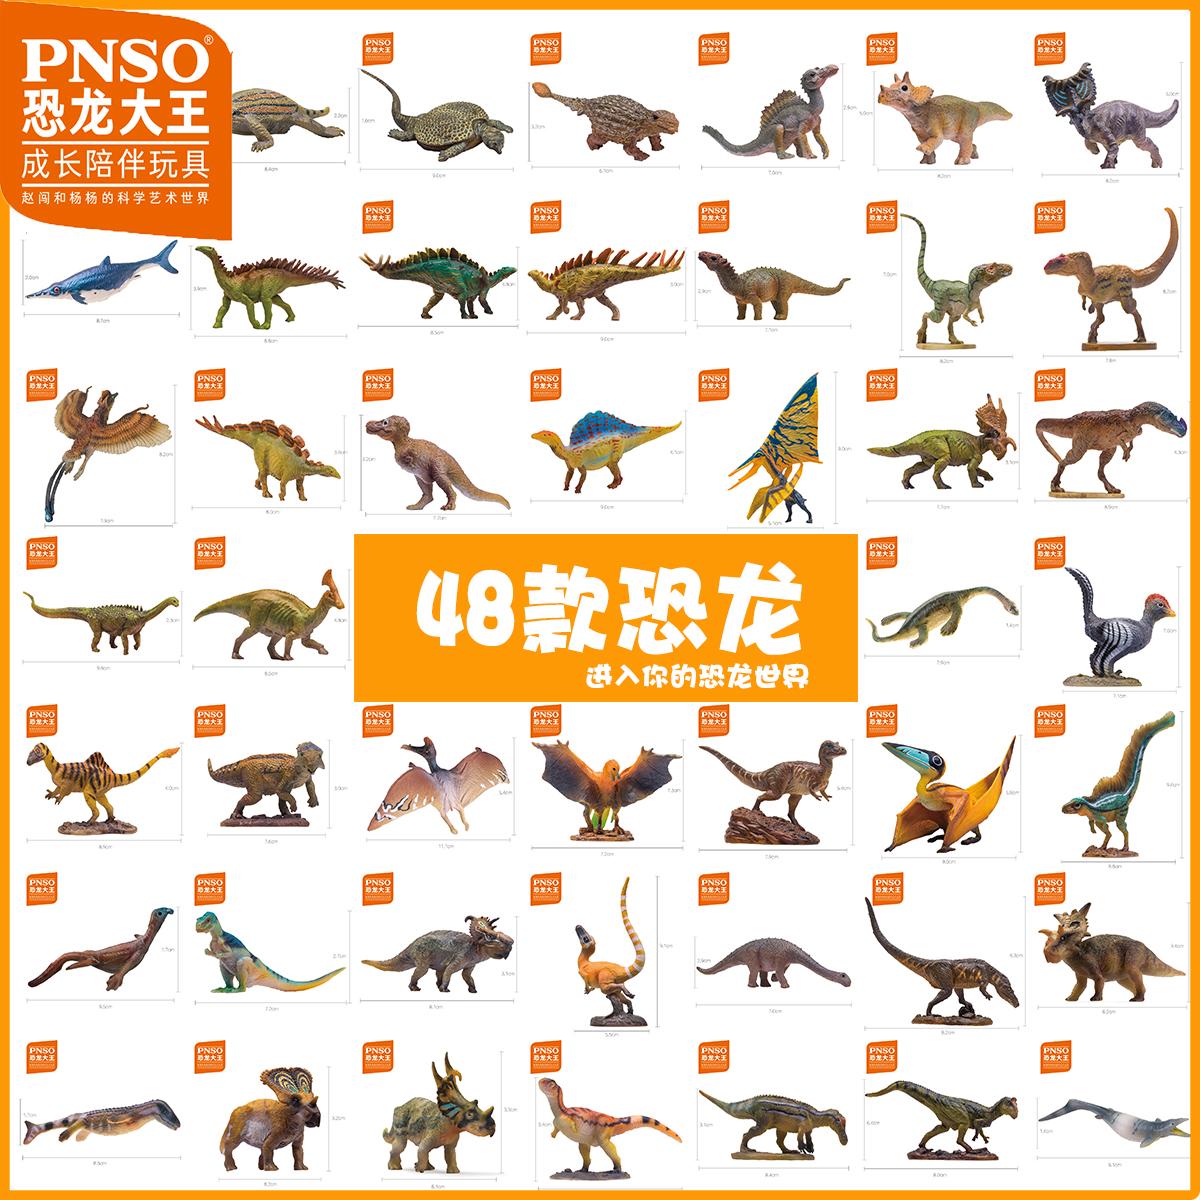 满20.00元可用10元优惠券正版小恐龙玩具模型PNSO恐龙大王小号宝宝幼崽成长陪伴全套48只